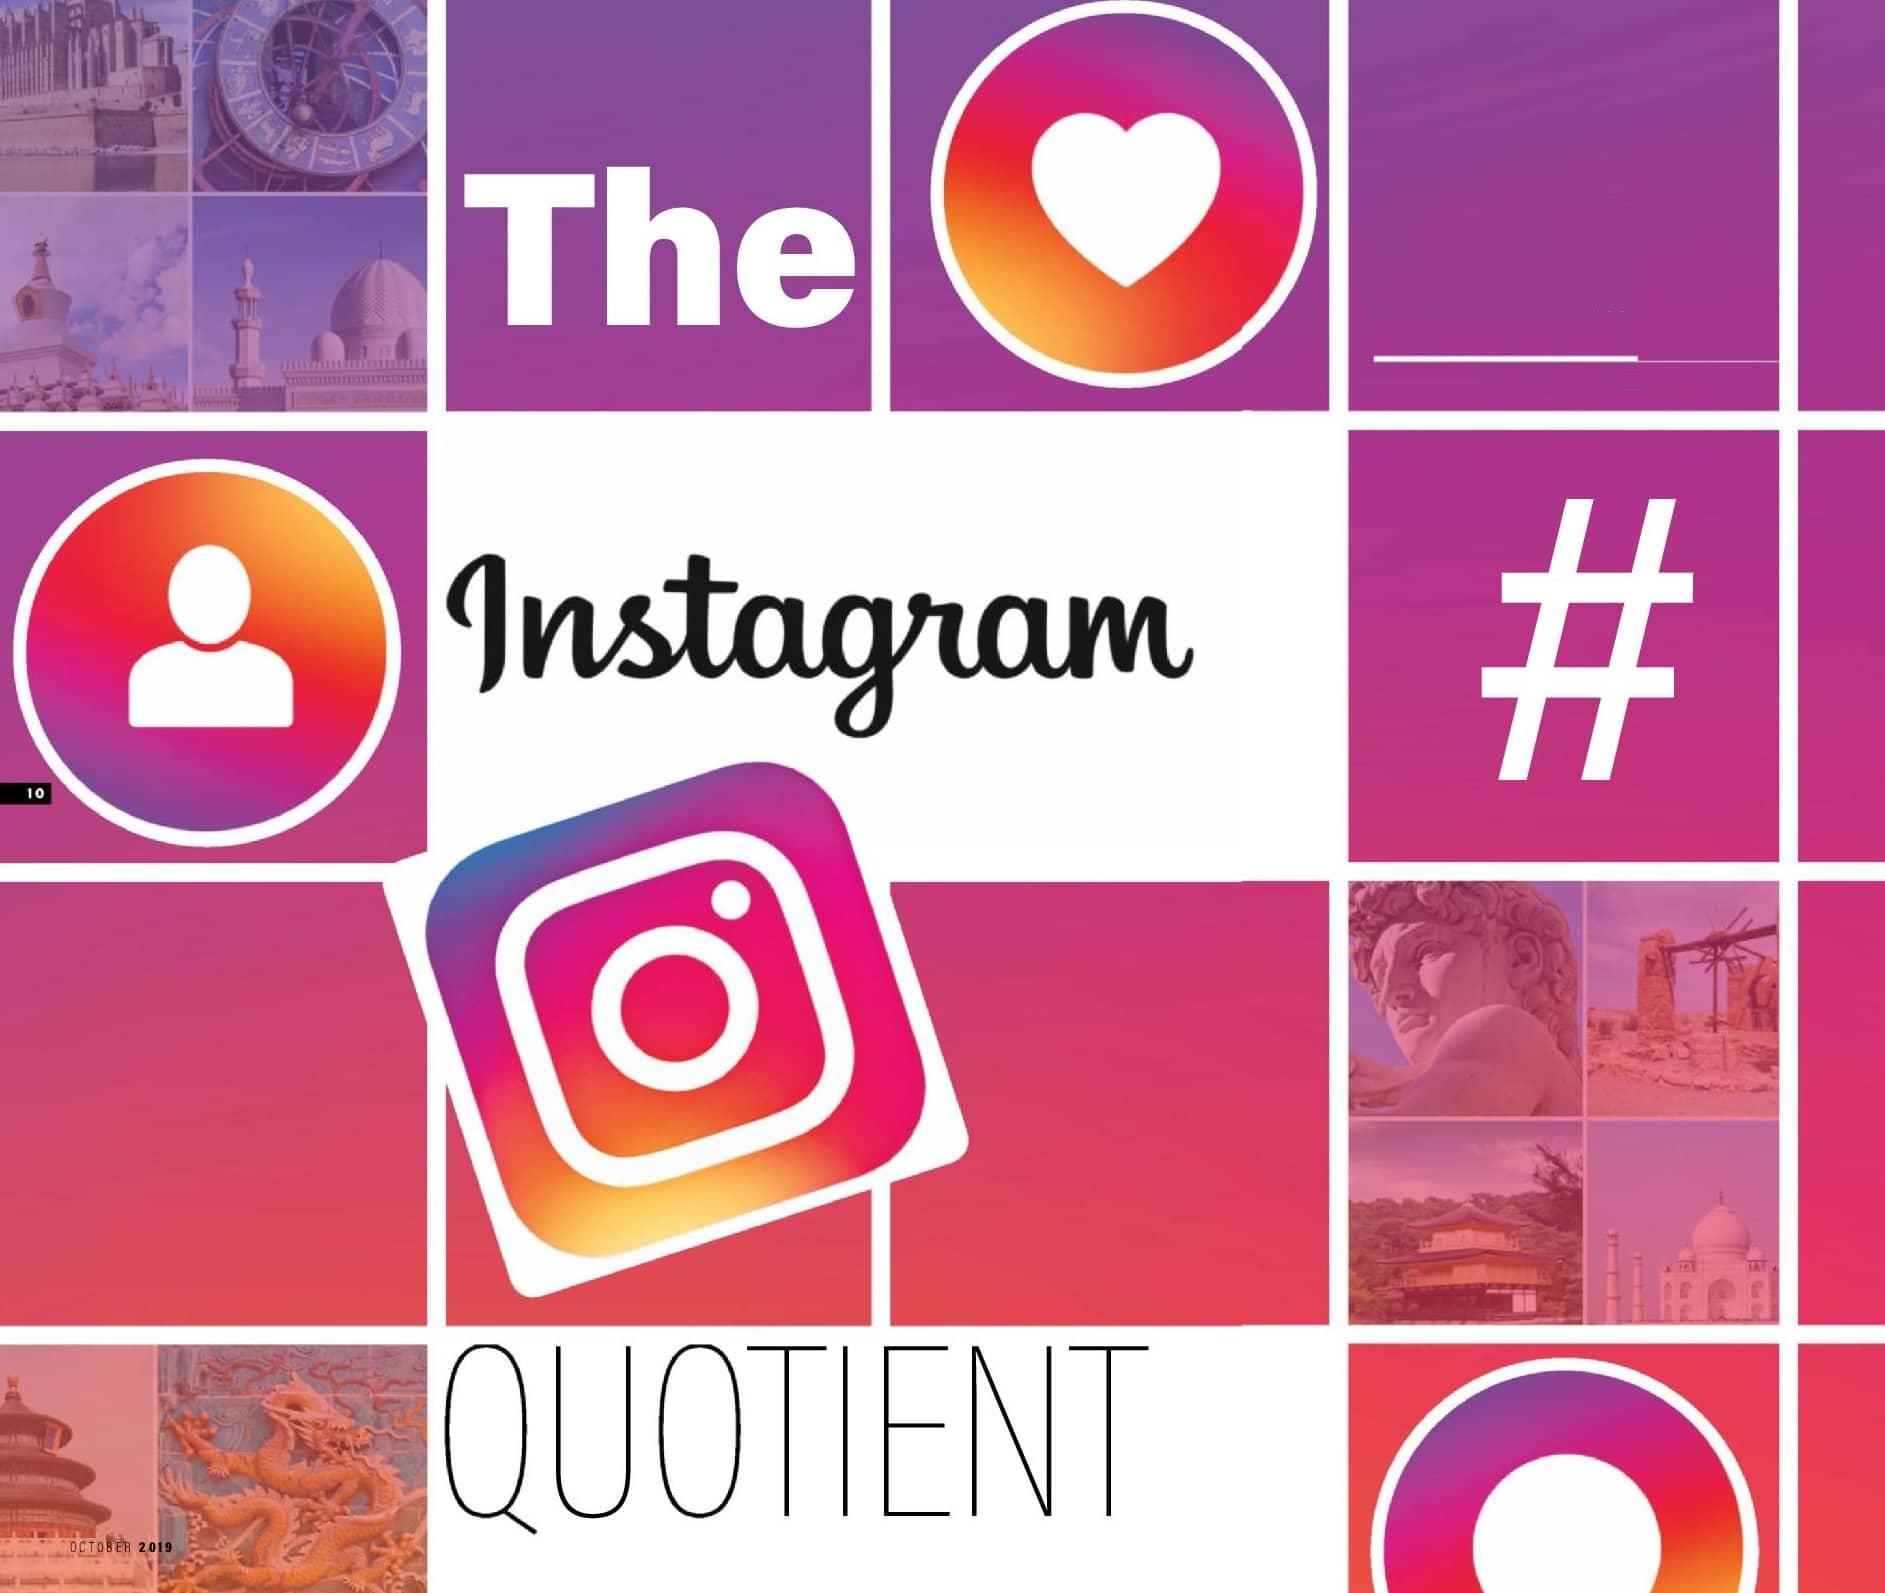 The Instagram Quotient